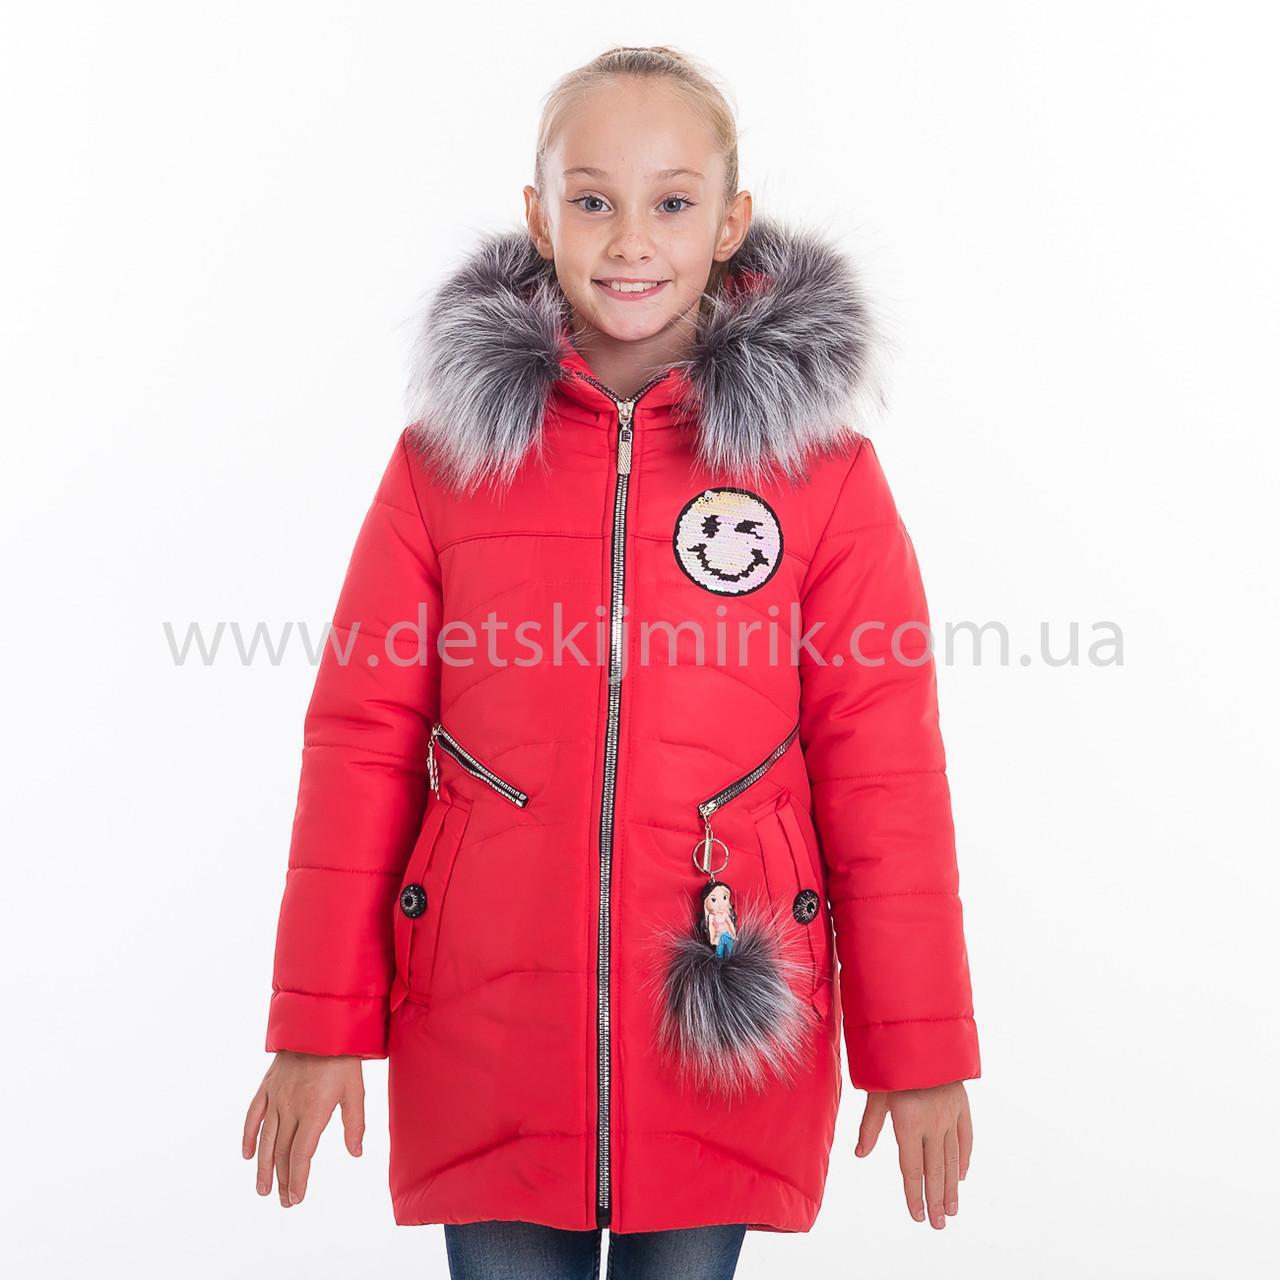 4d2d0099771 Зимняя куртка для девочки